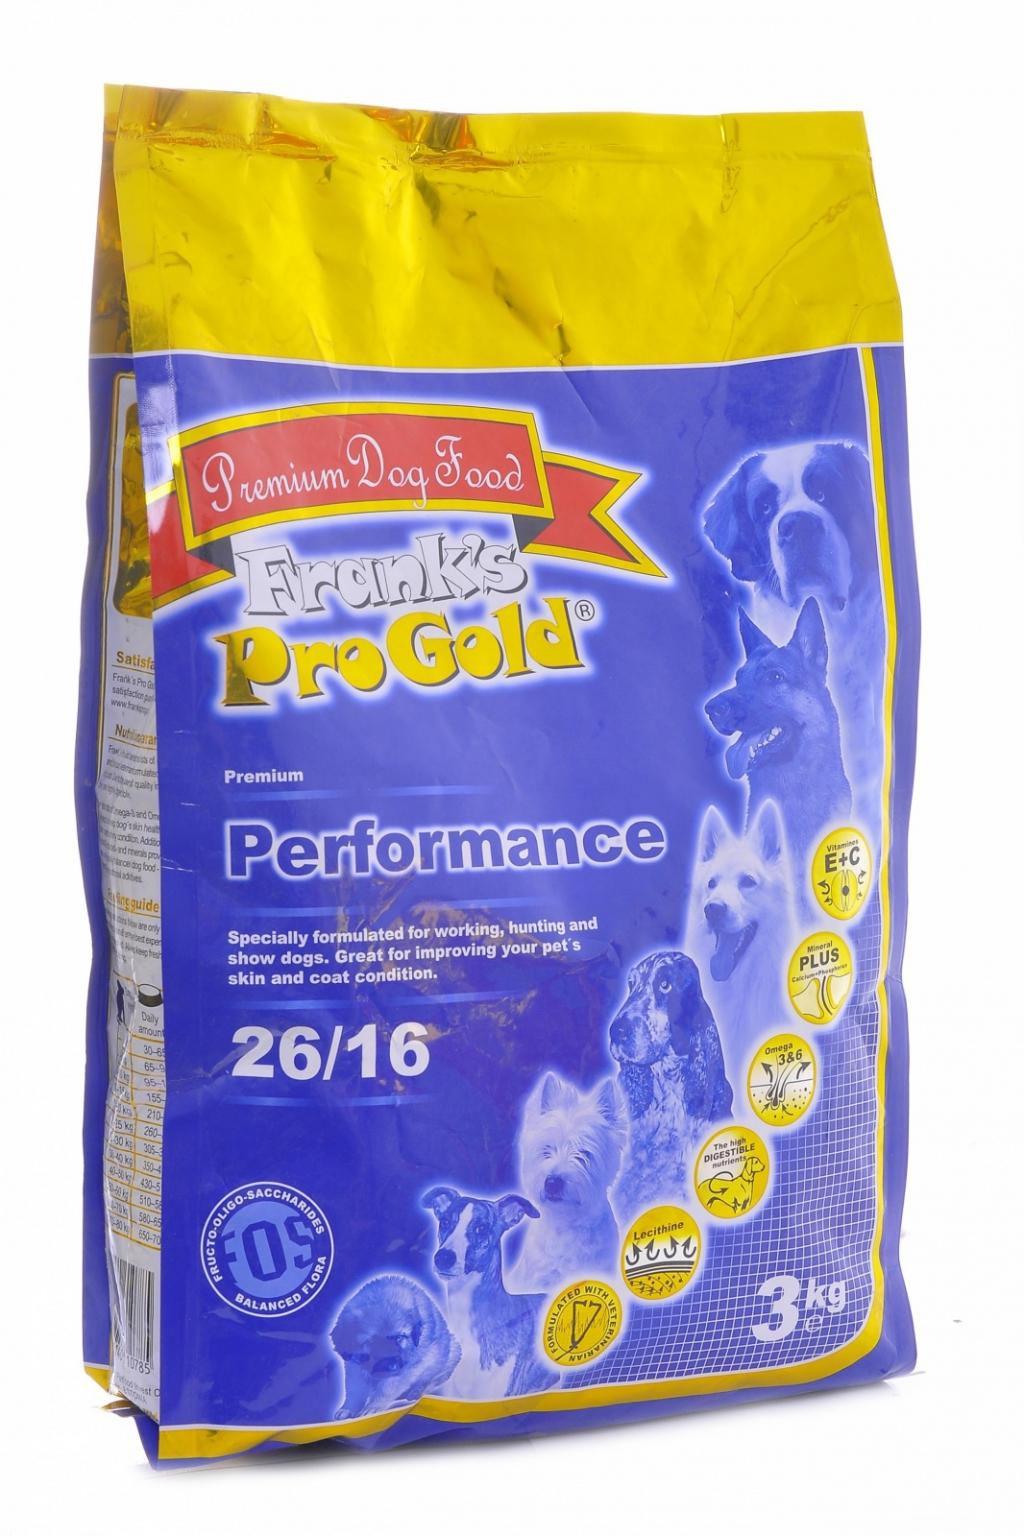 """Франкс Про Голд Корм сухой Performance 26/16 для энергичных собак """"Достойная победа"""", 15 кг, Frank's ProGold"""